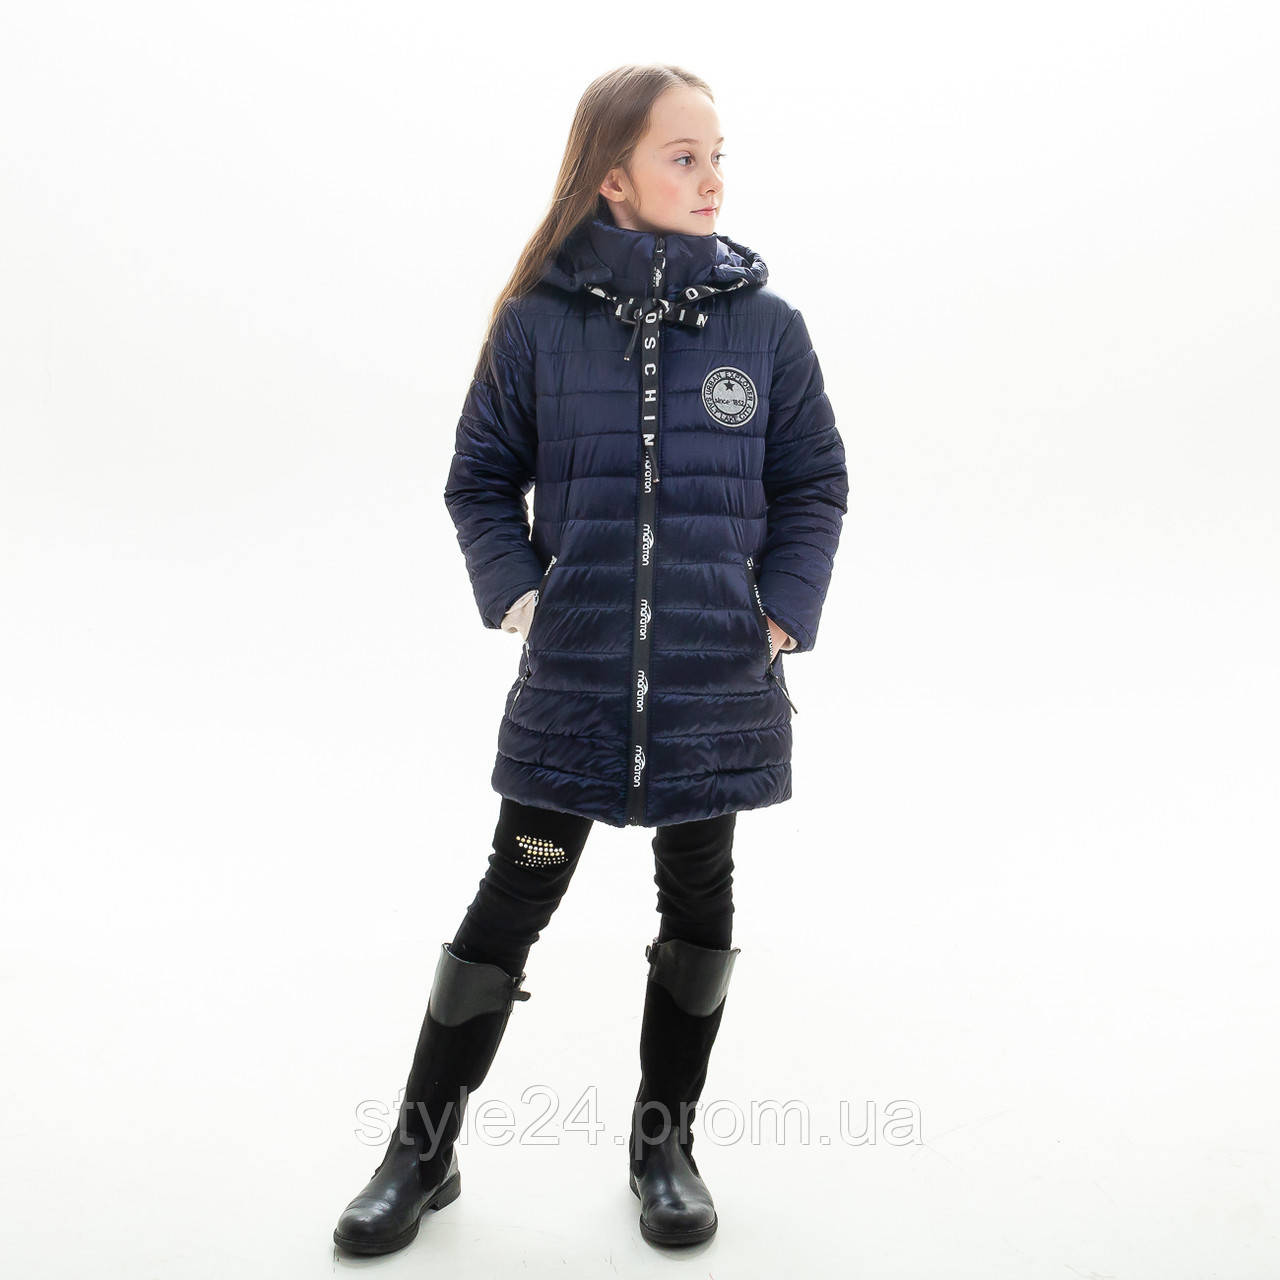 Весняна куртка на дівчинку ростом 122-152 - Стильний одяг «Роксана» в Одессе 2cd13a4f95e66